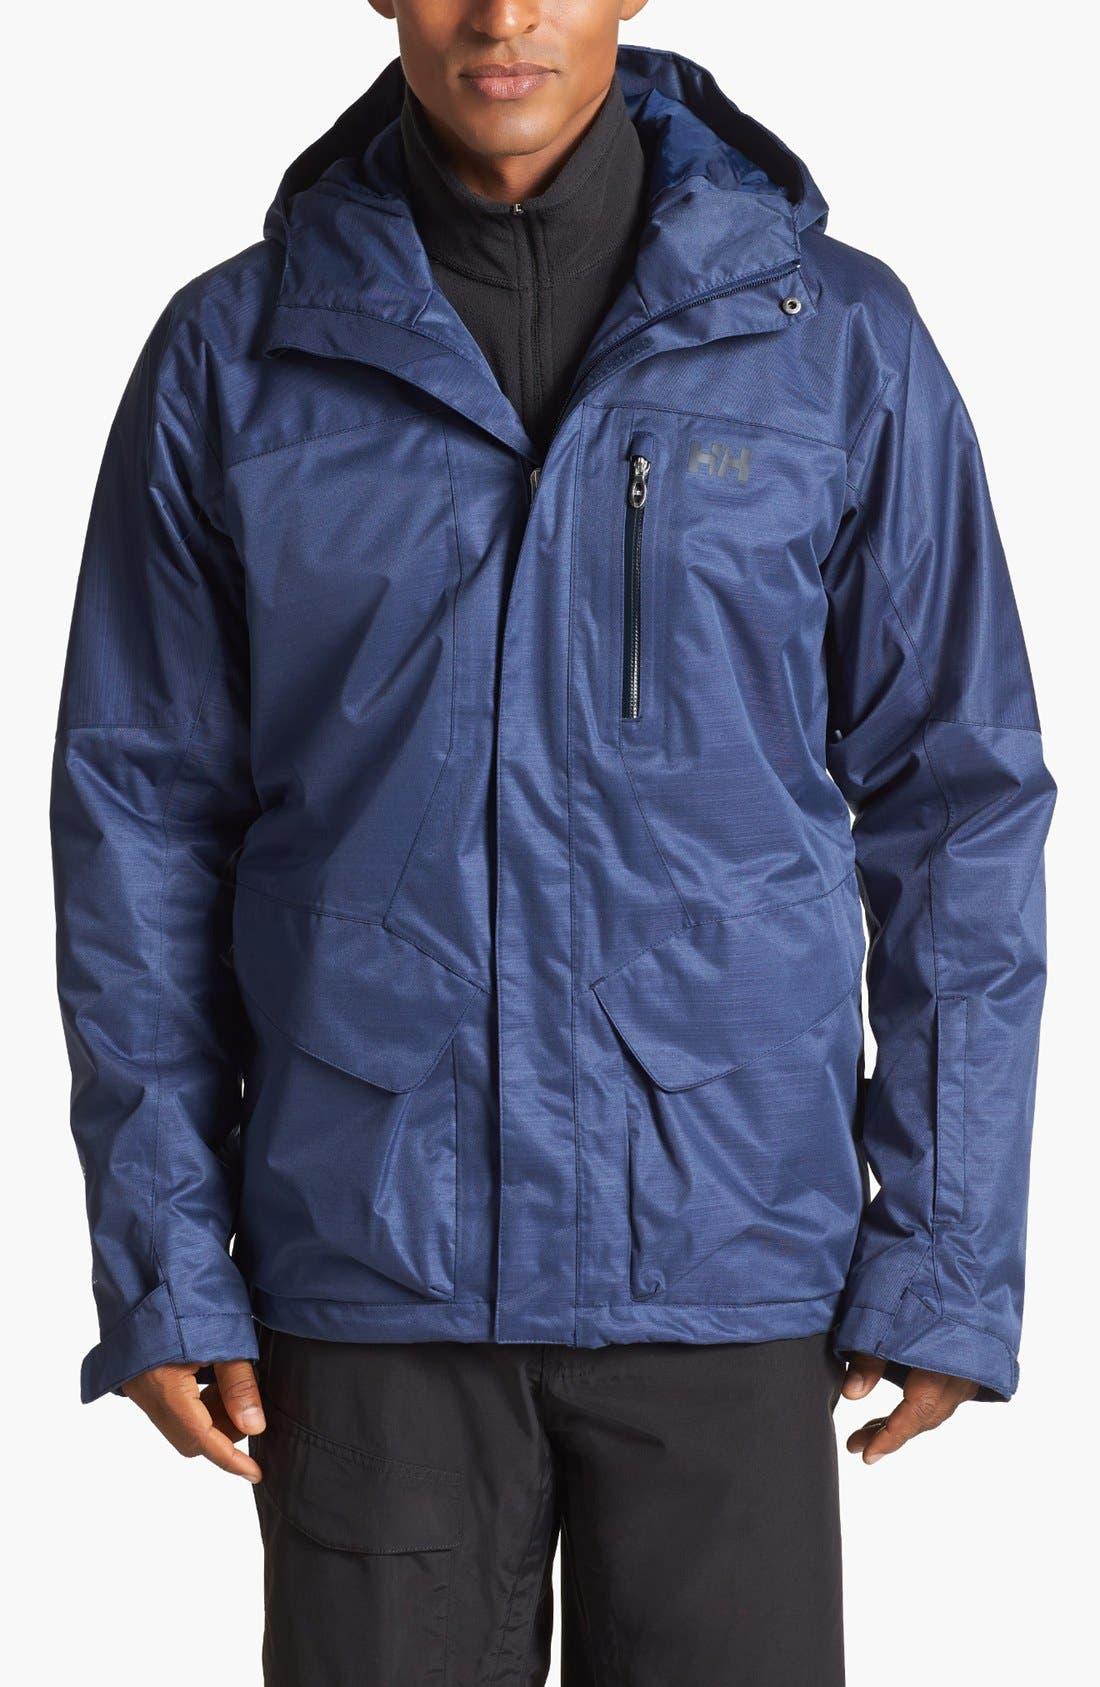 Main Image - Helly Hansen 'Clandestine' Jacket